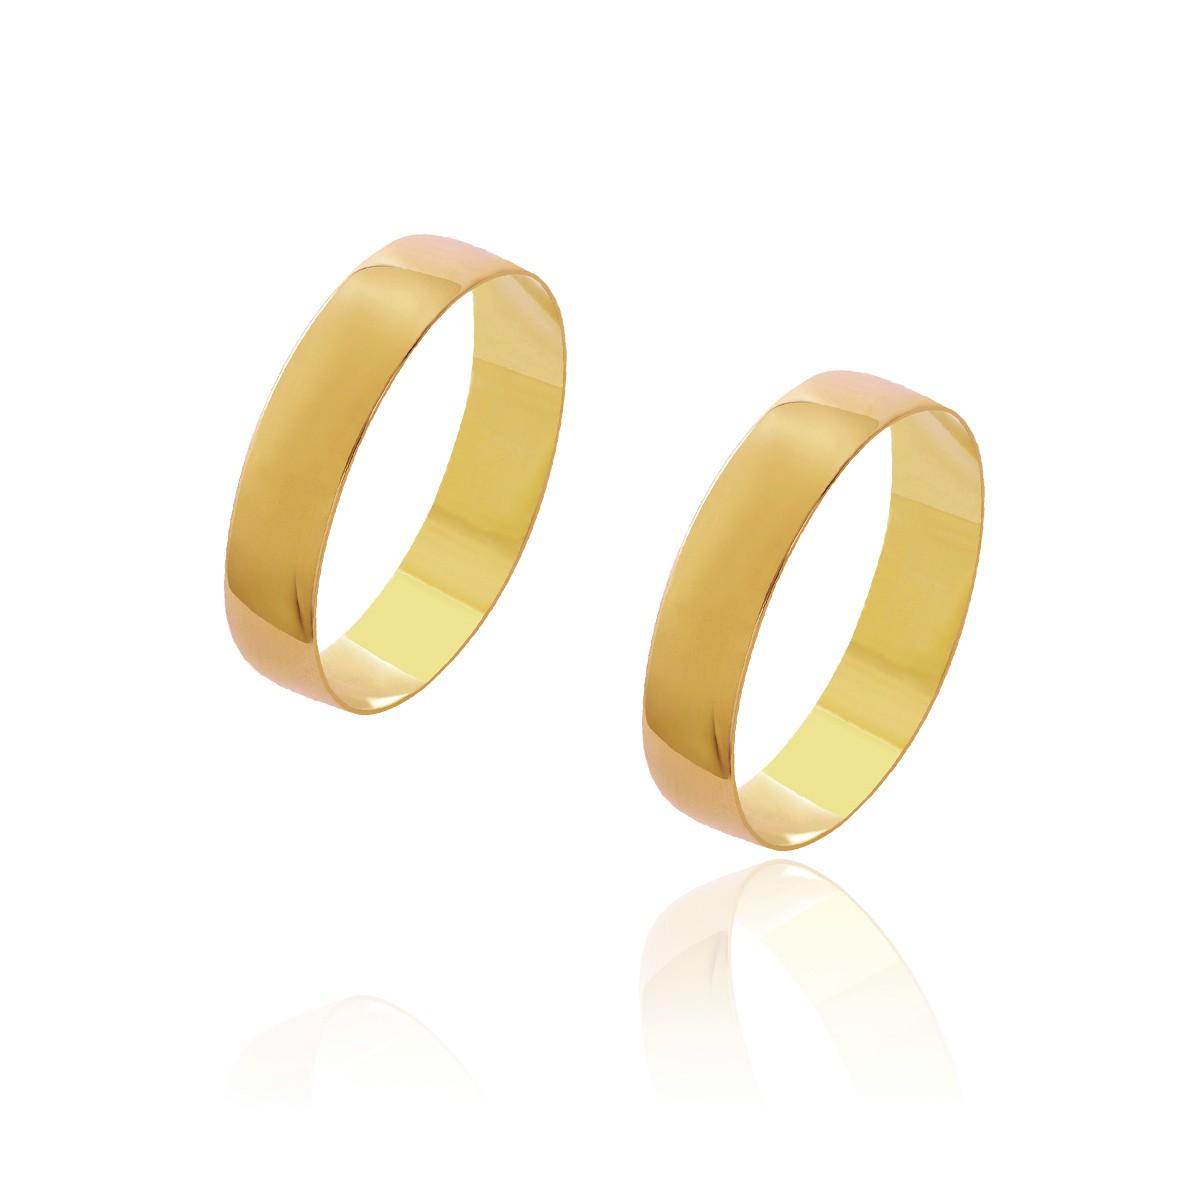 Par de Alianças de Casamento Diana Ouro 18 K Abaulada Lisa 4,5mm 4g